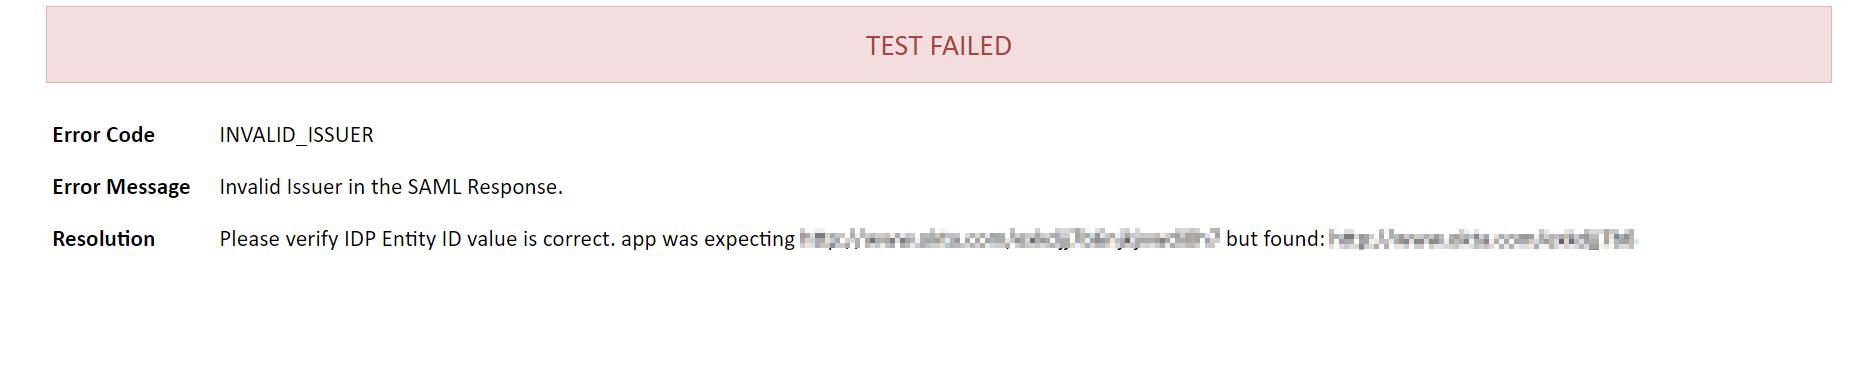 Test Failed